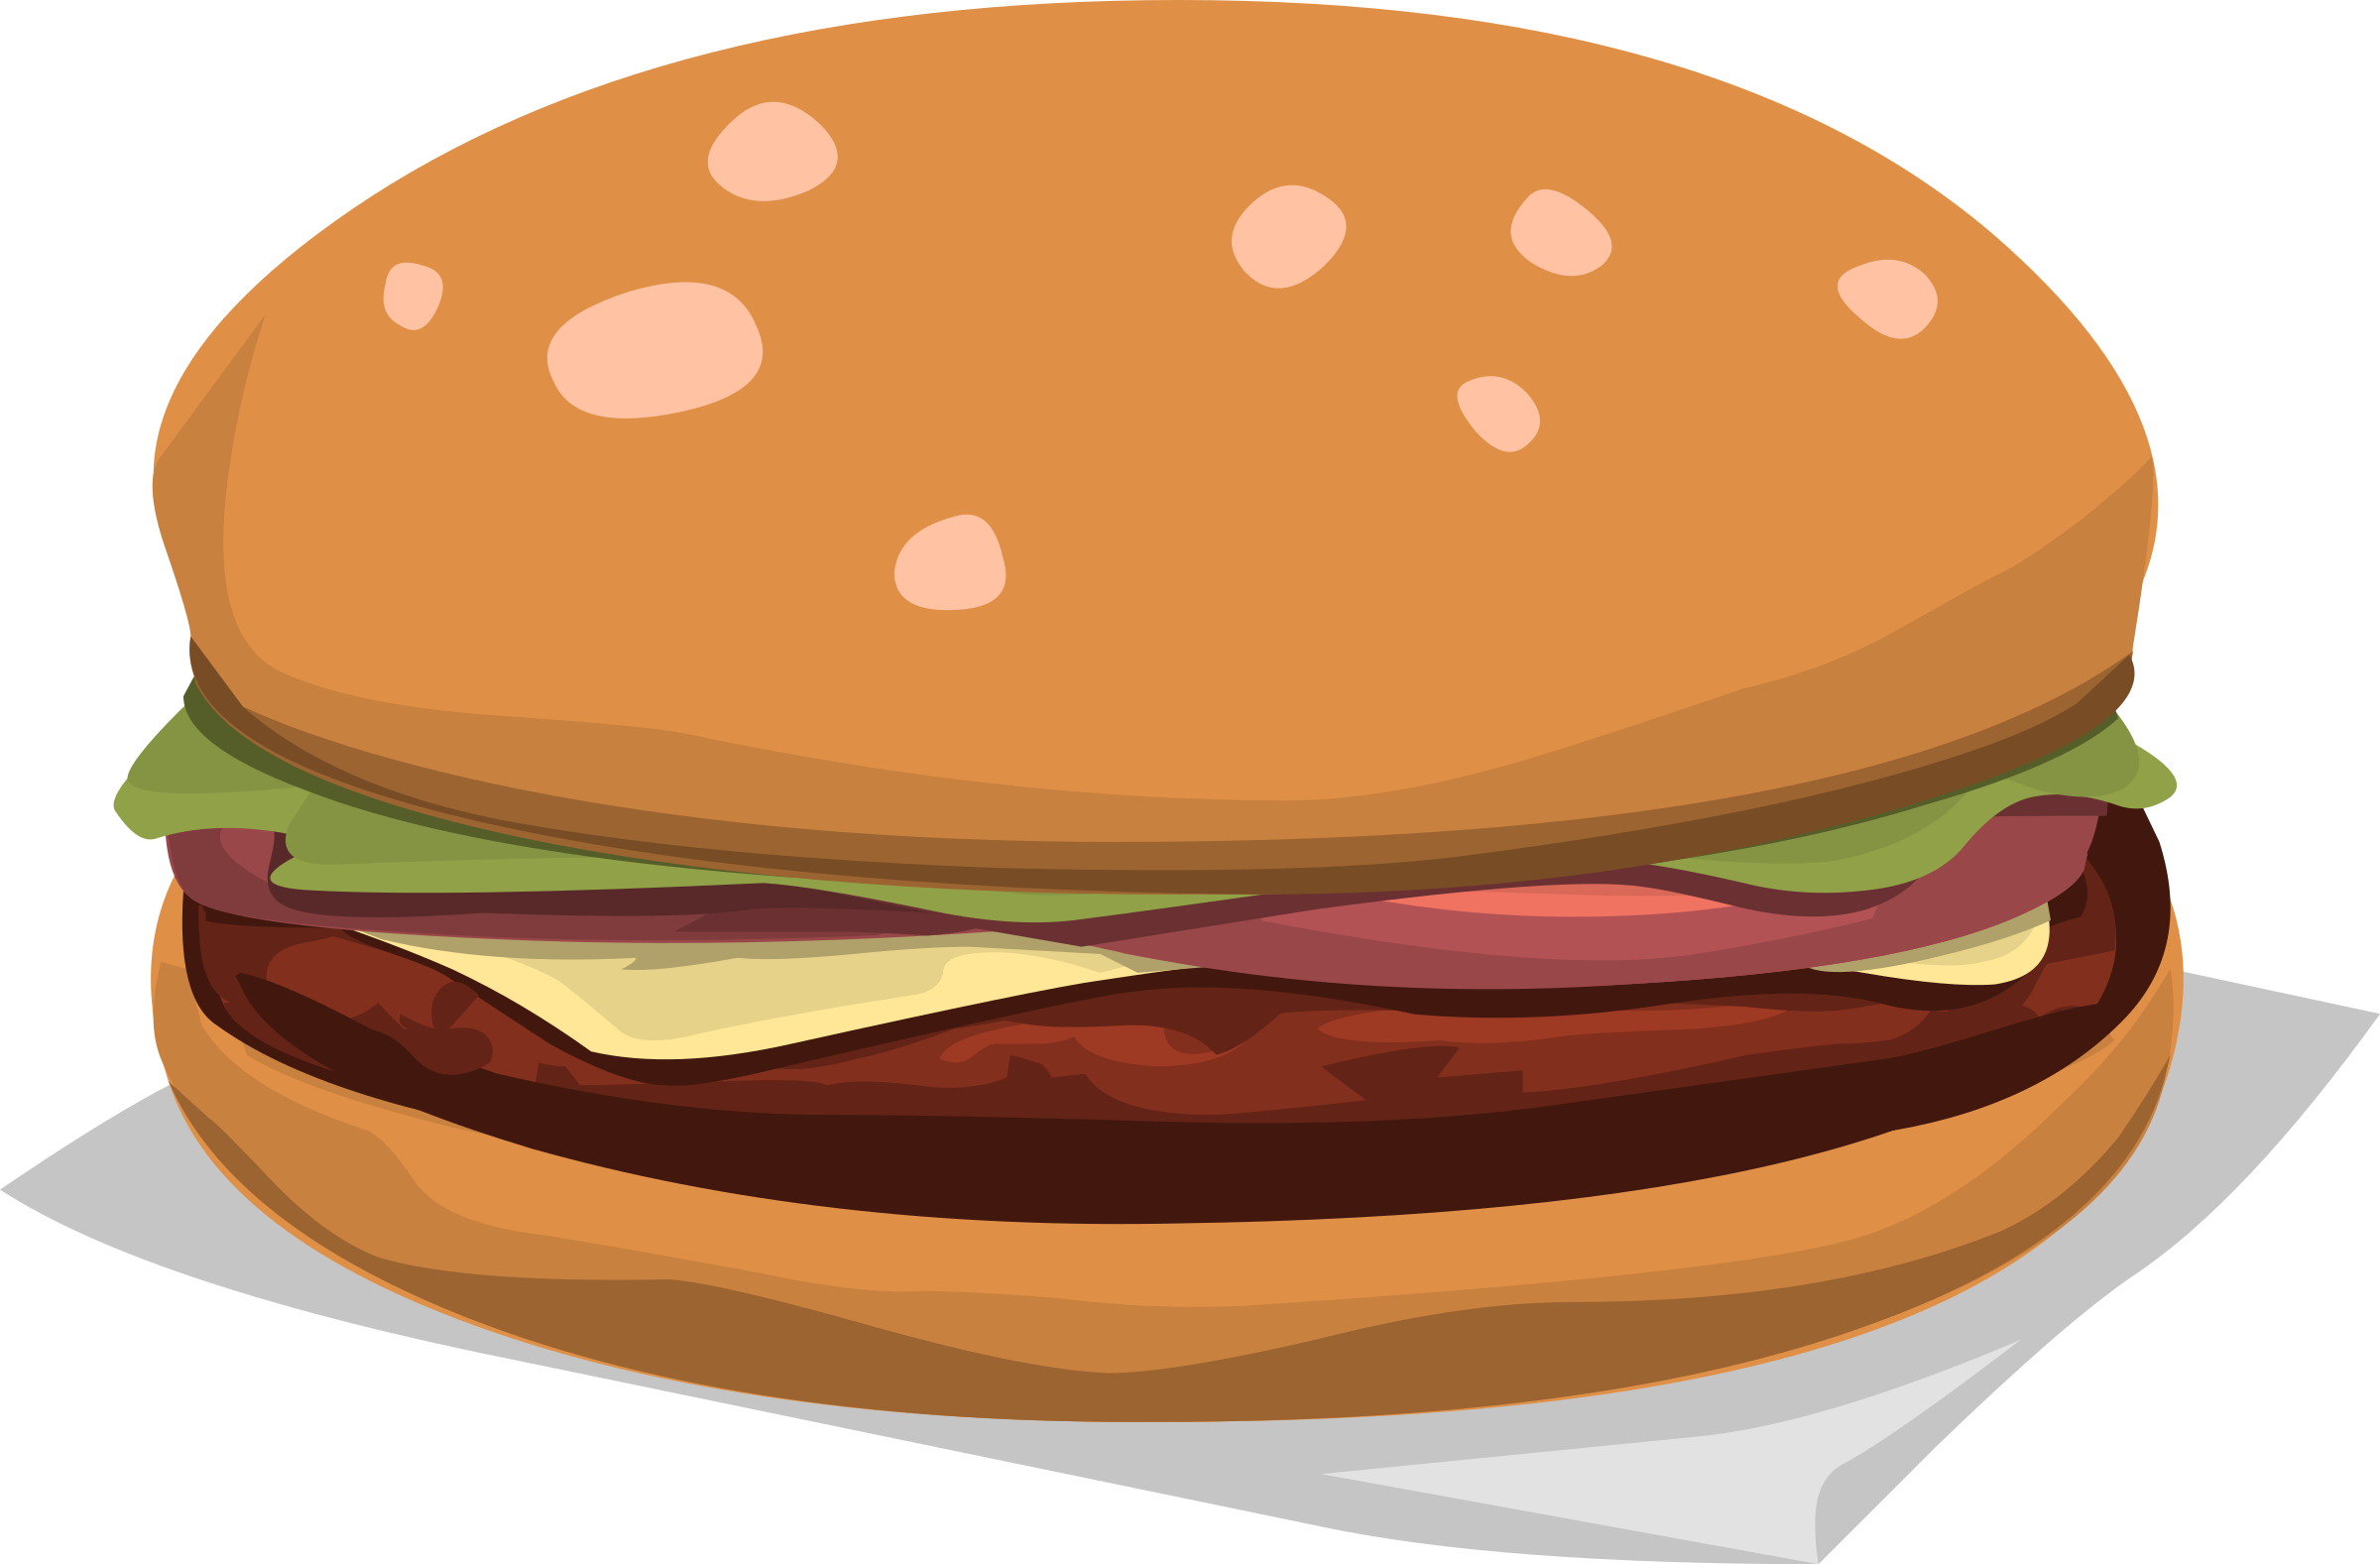 Food maburger royale big. Hotdog clipart plain cheeseburger